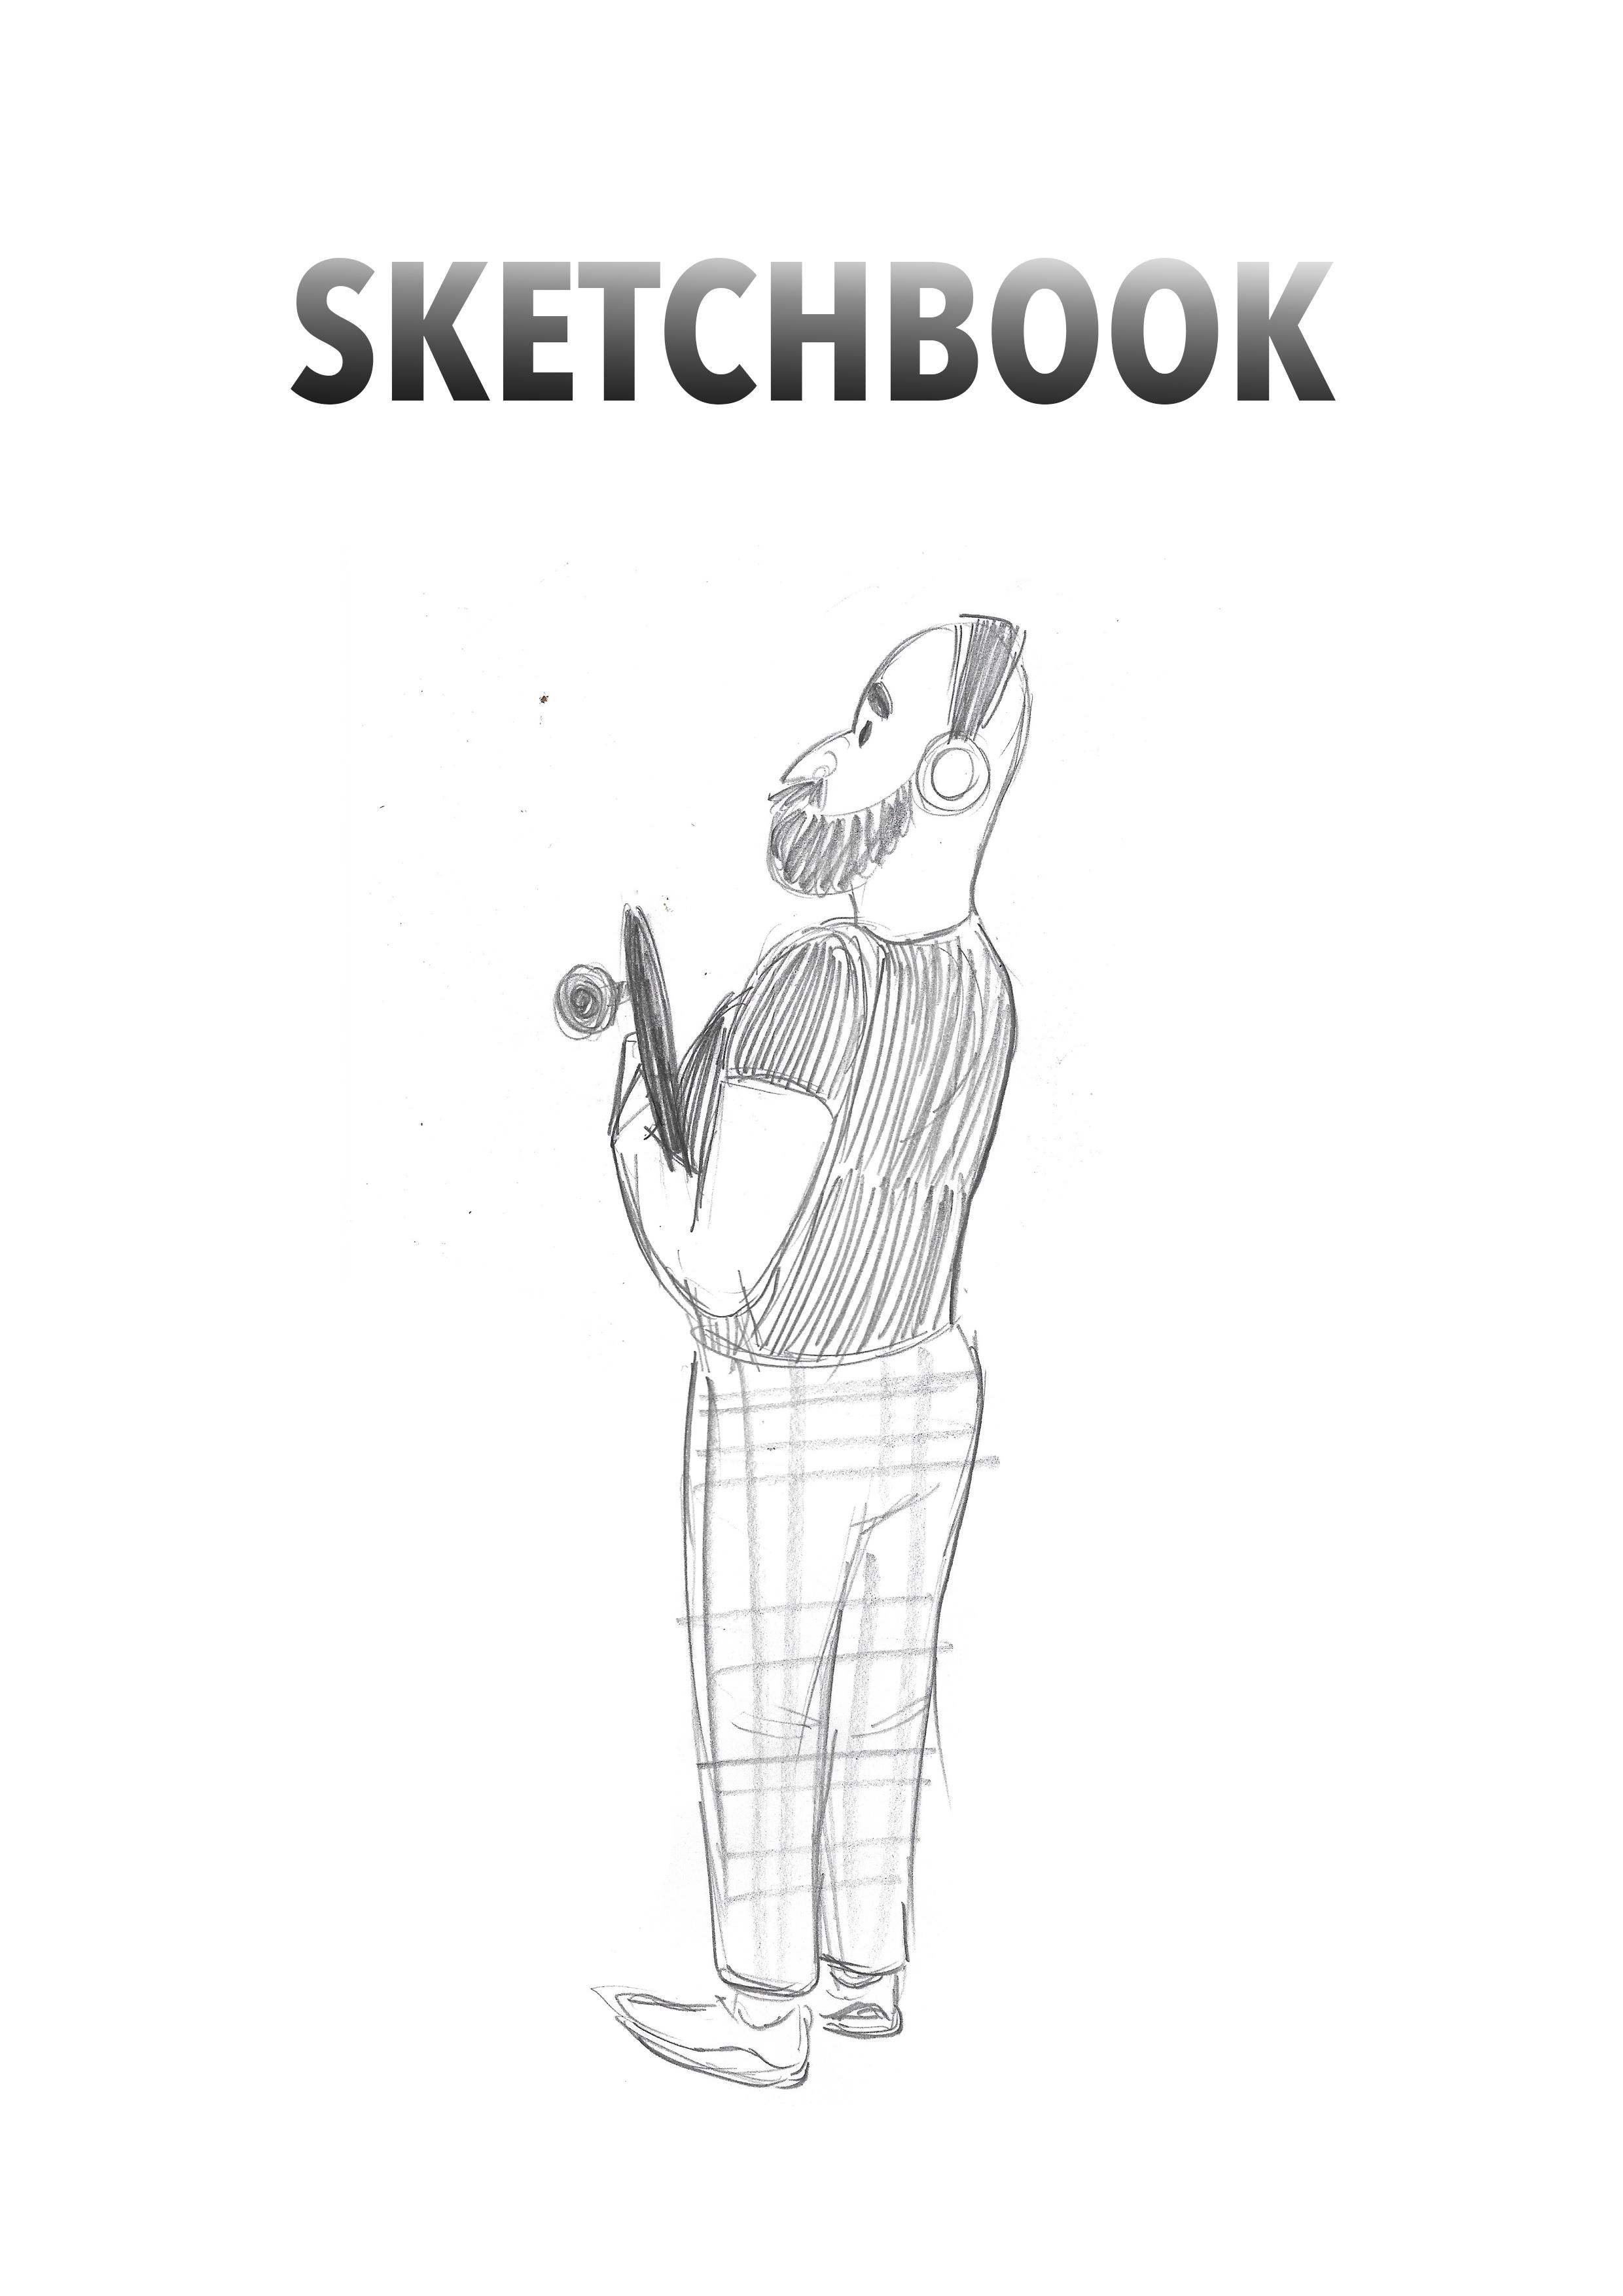 Sketchbook cover page - August 2019.jpg